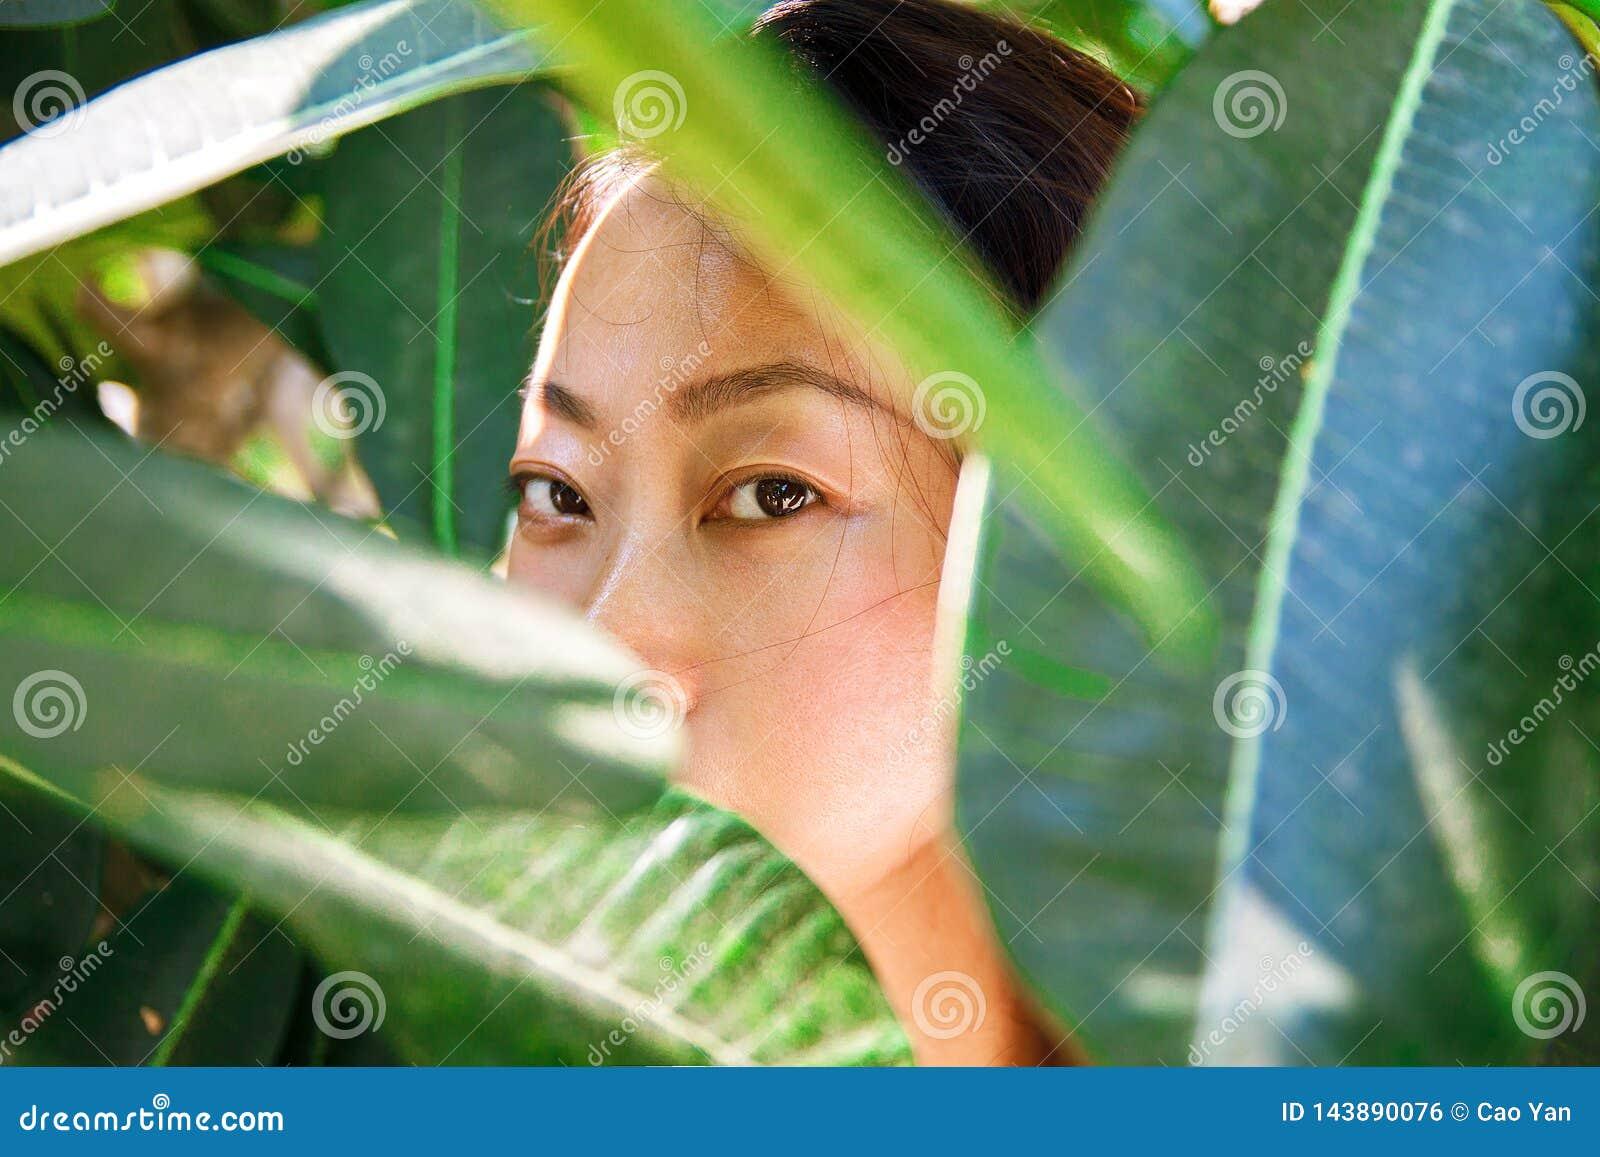 Азиатский портрет крупного плана стороны красоты с чистой кожей, свежей элегантной дамой